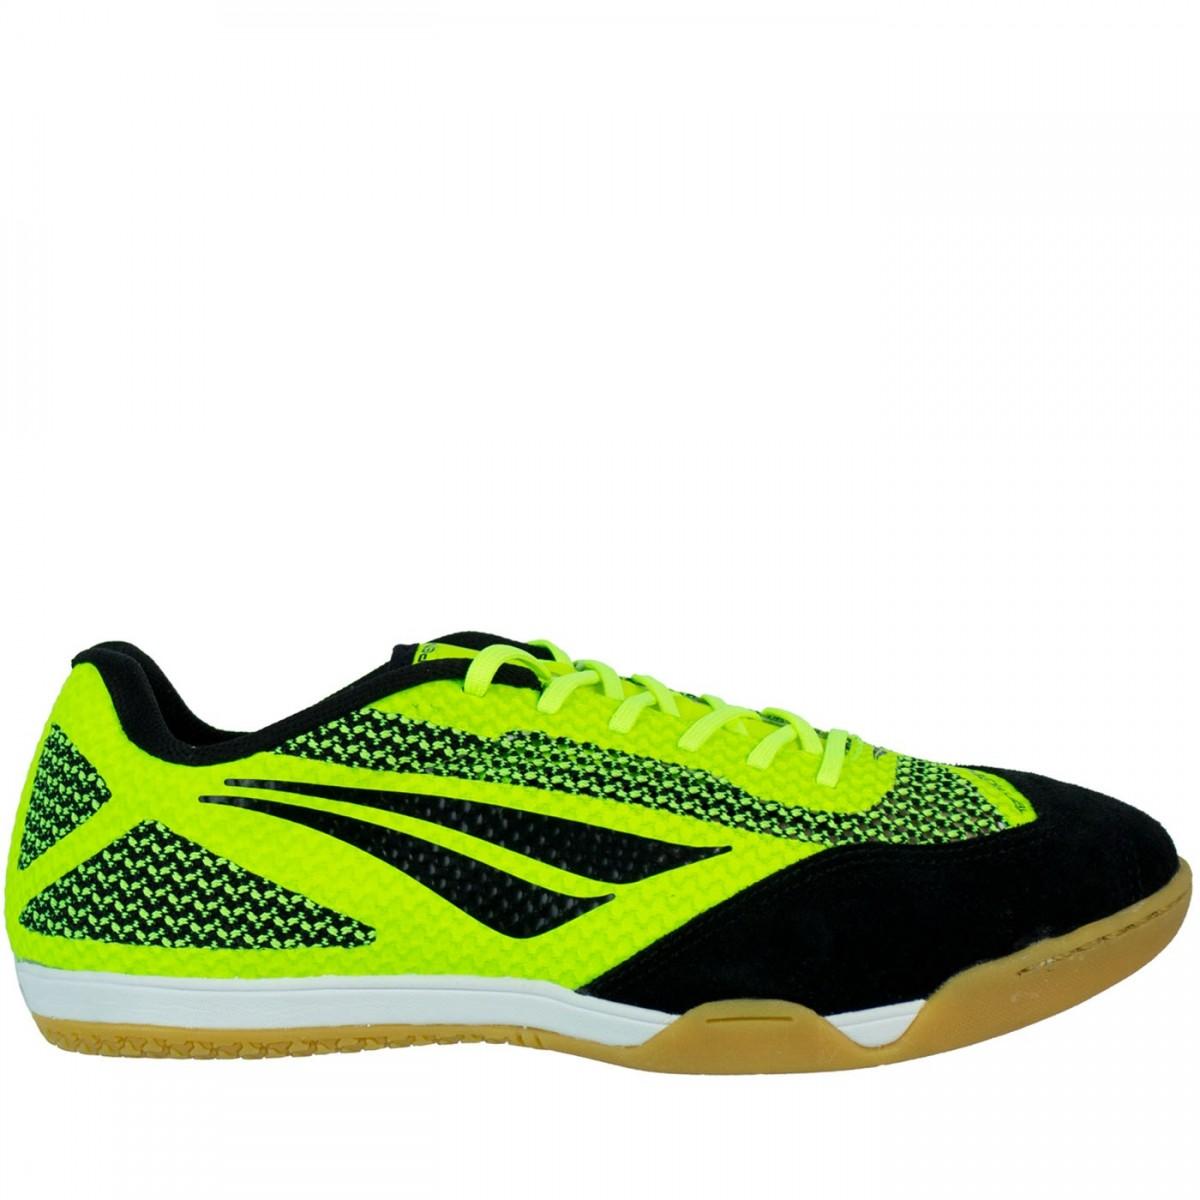 080691207fc3c Bizz Store - Chuteira Futsal Masculina Penalty Max 500 Preto